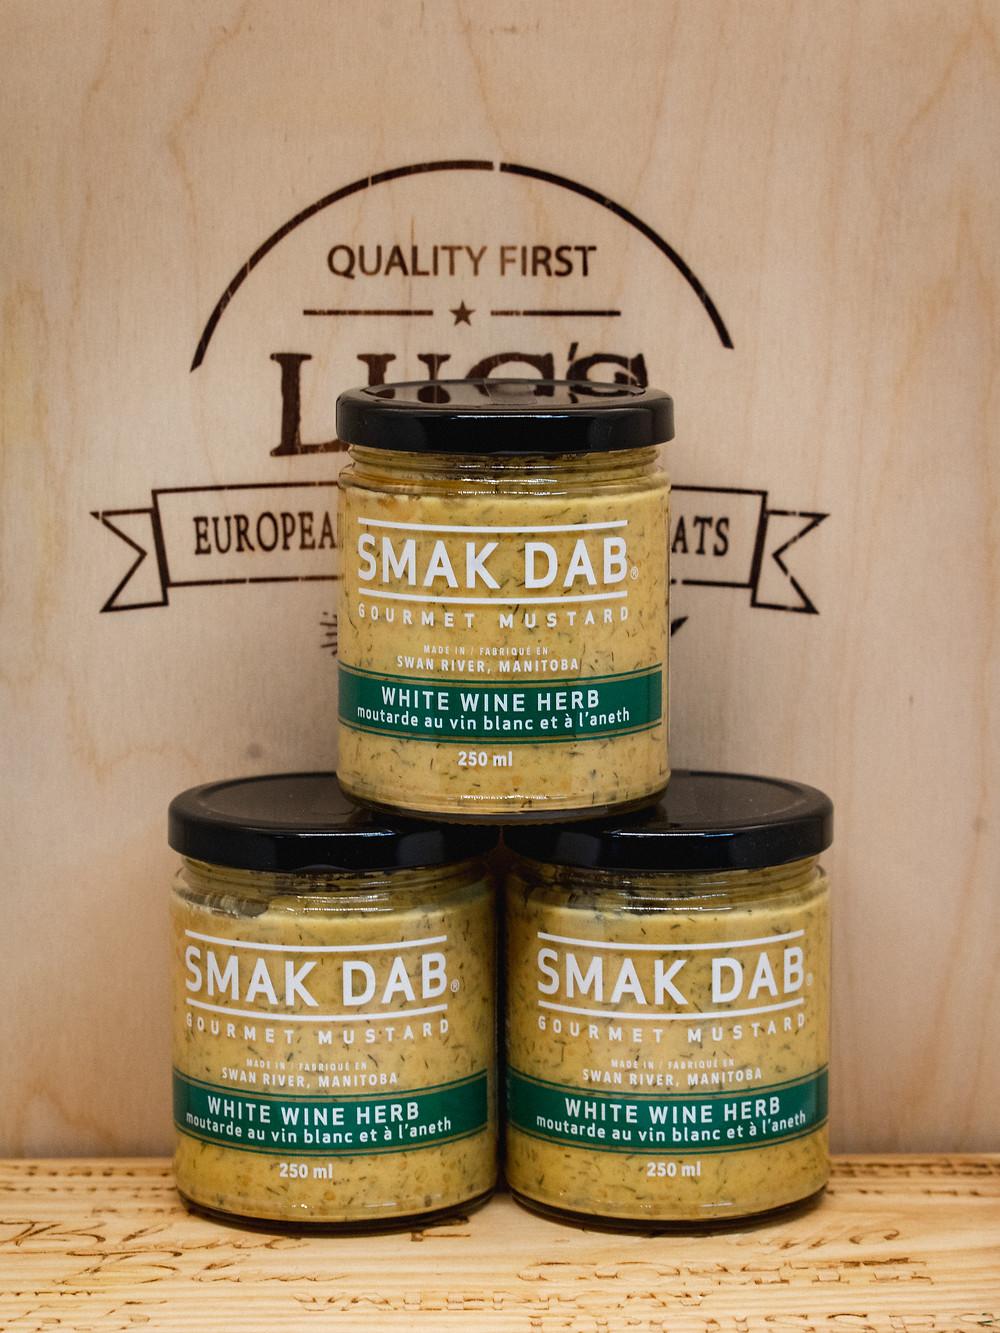 Three jars of mustard